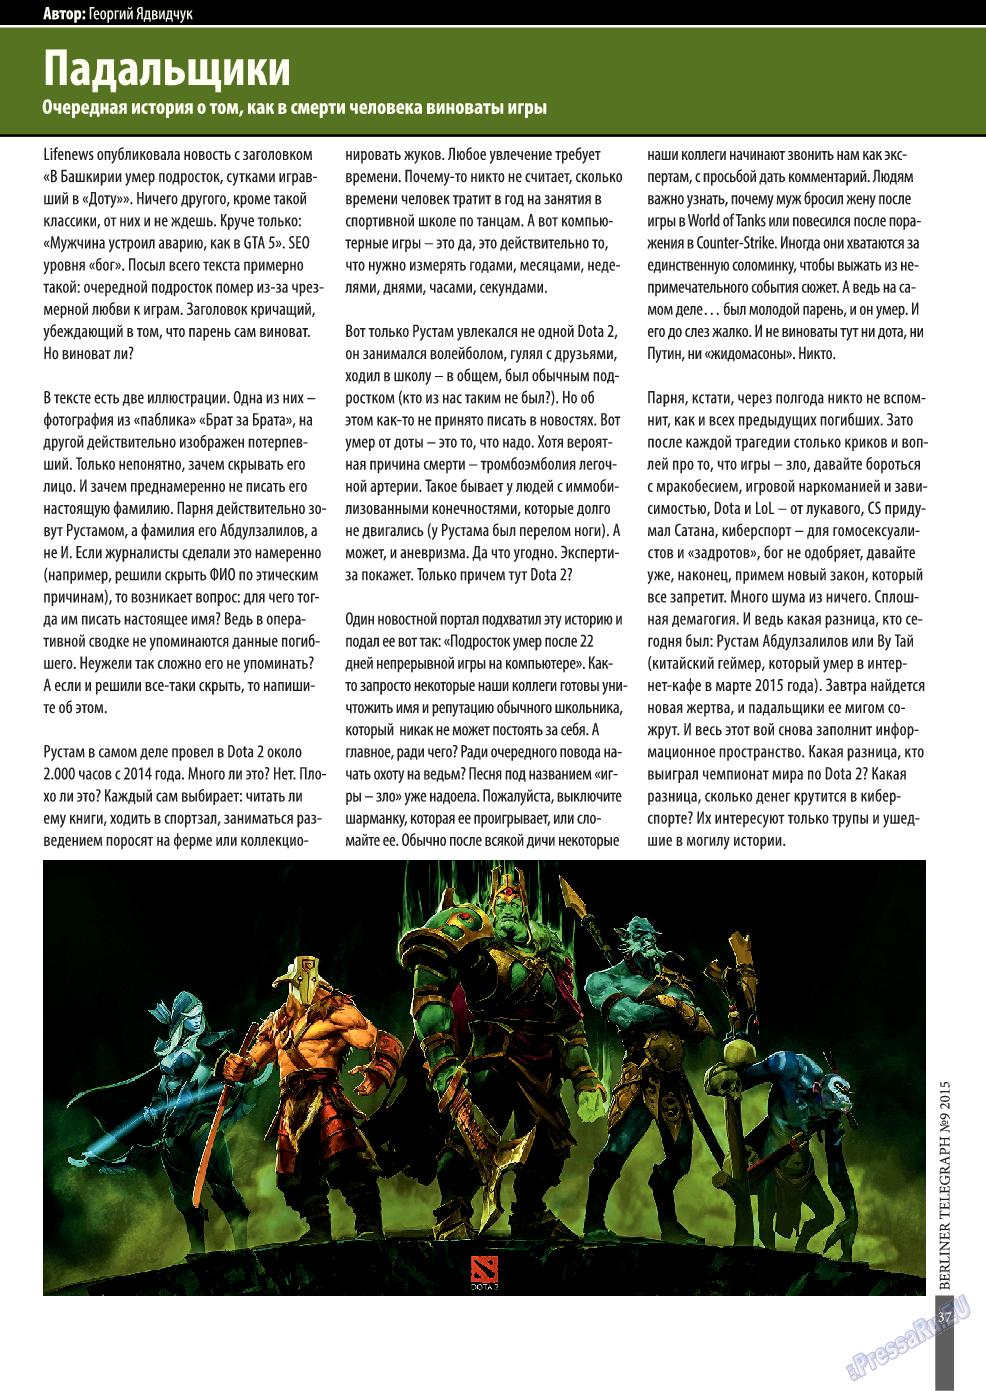 Берлинский телеграф (журнал). 2015 год, номер 10, стр. 37